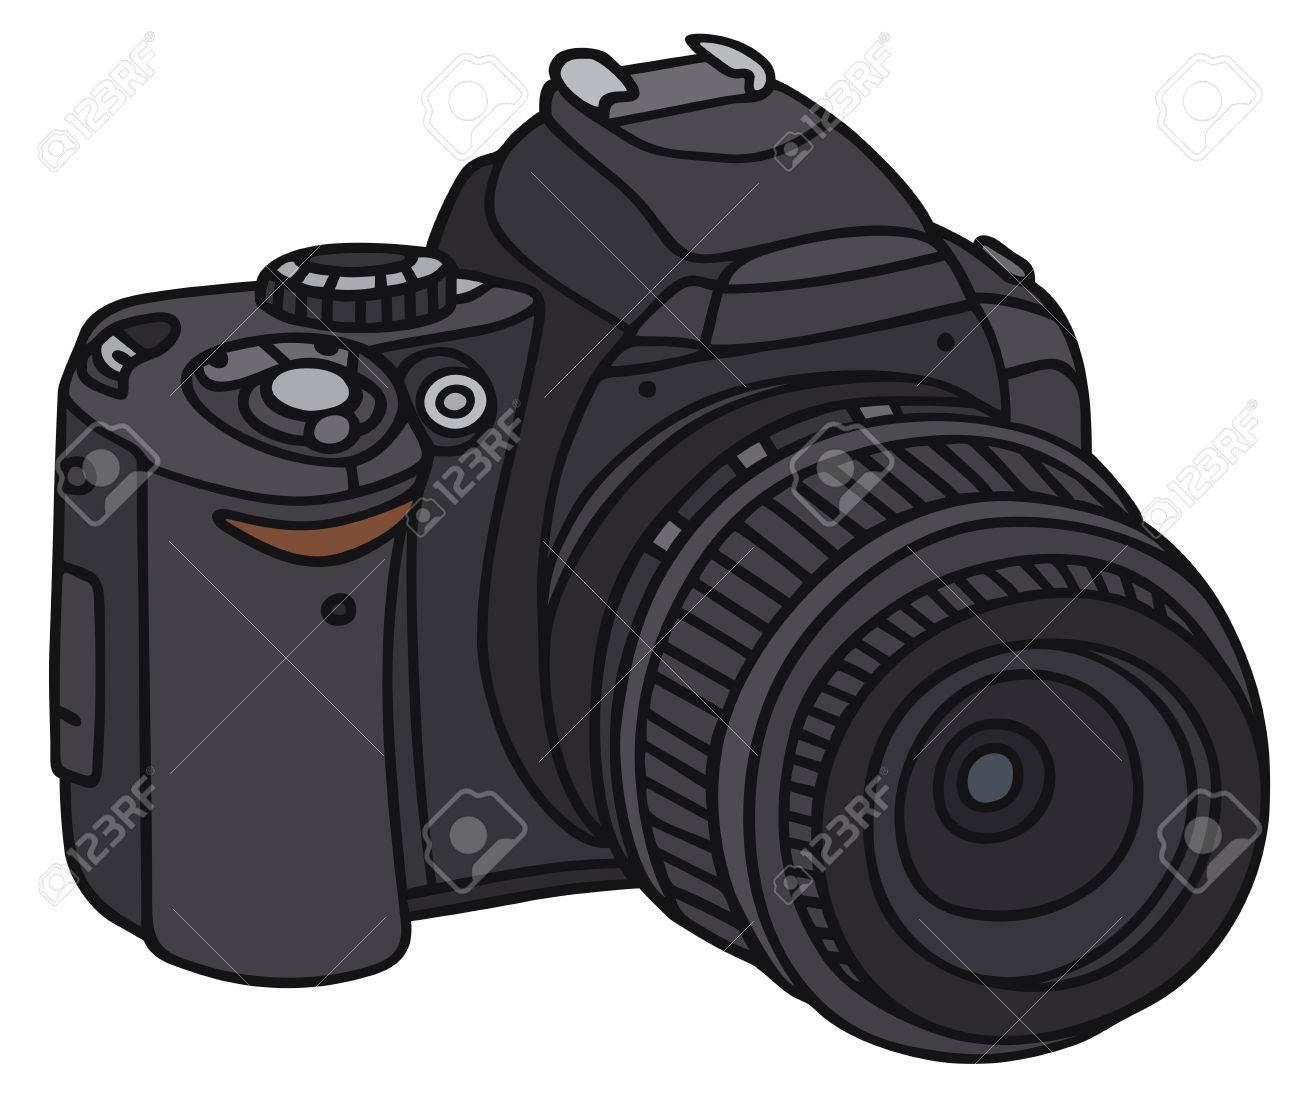 Dessin Appareil Photo dessin à la main d'un appareil photographique numérique - pas un